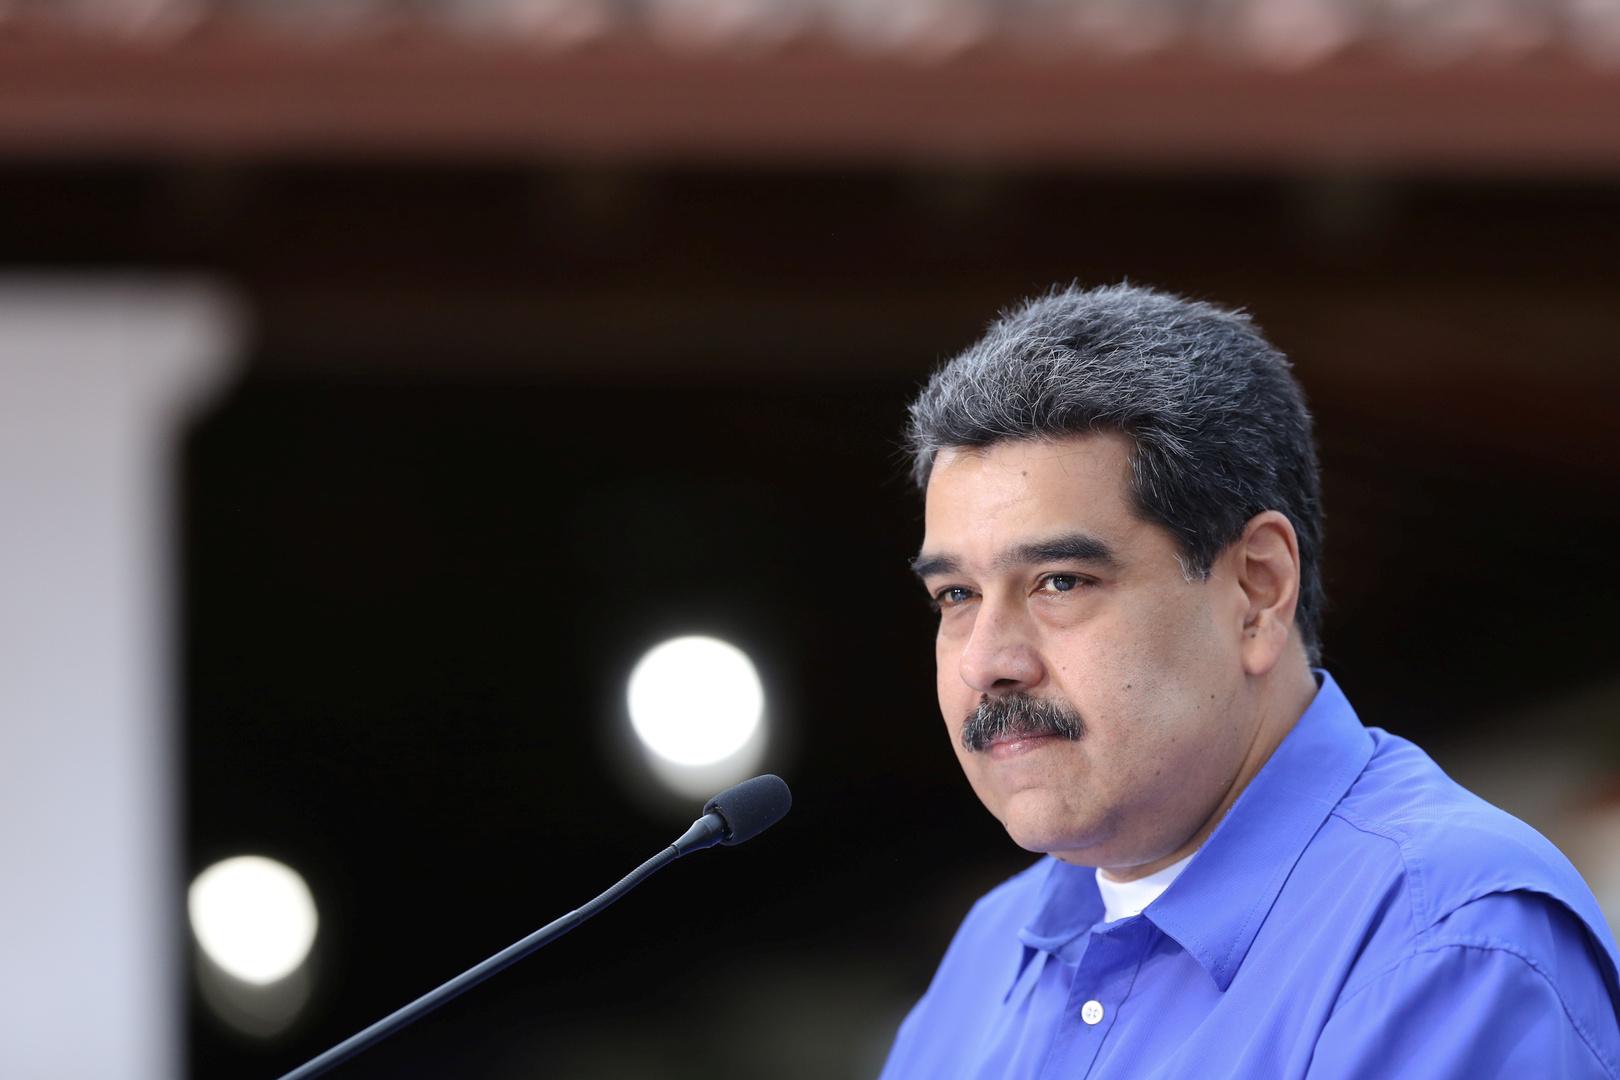 مادورو يطرد سفير الاتحاد الأوروبي في كاراكاس